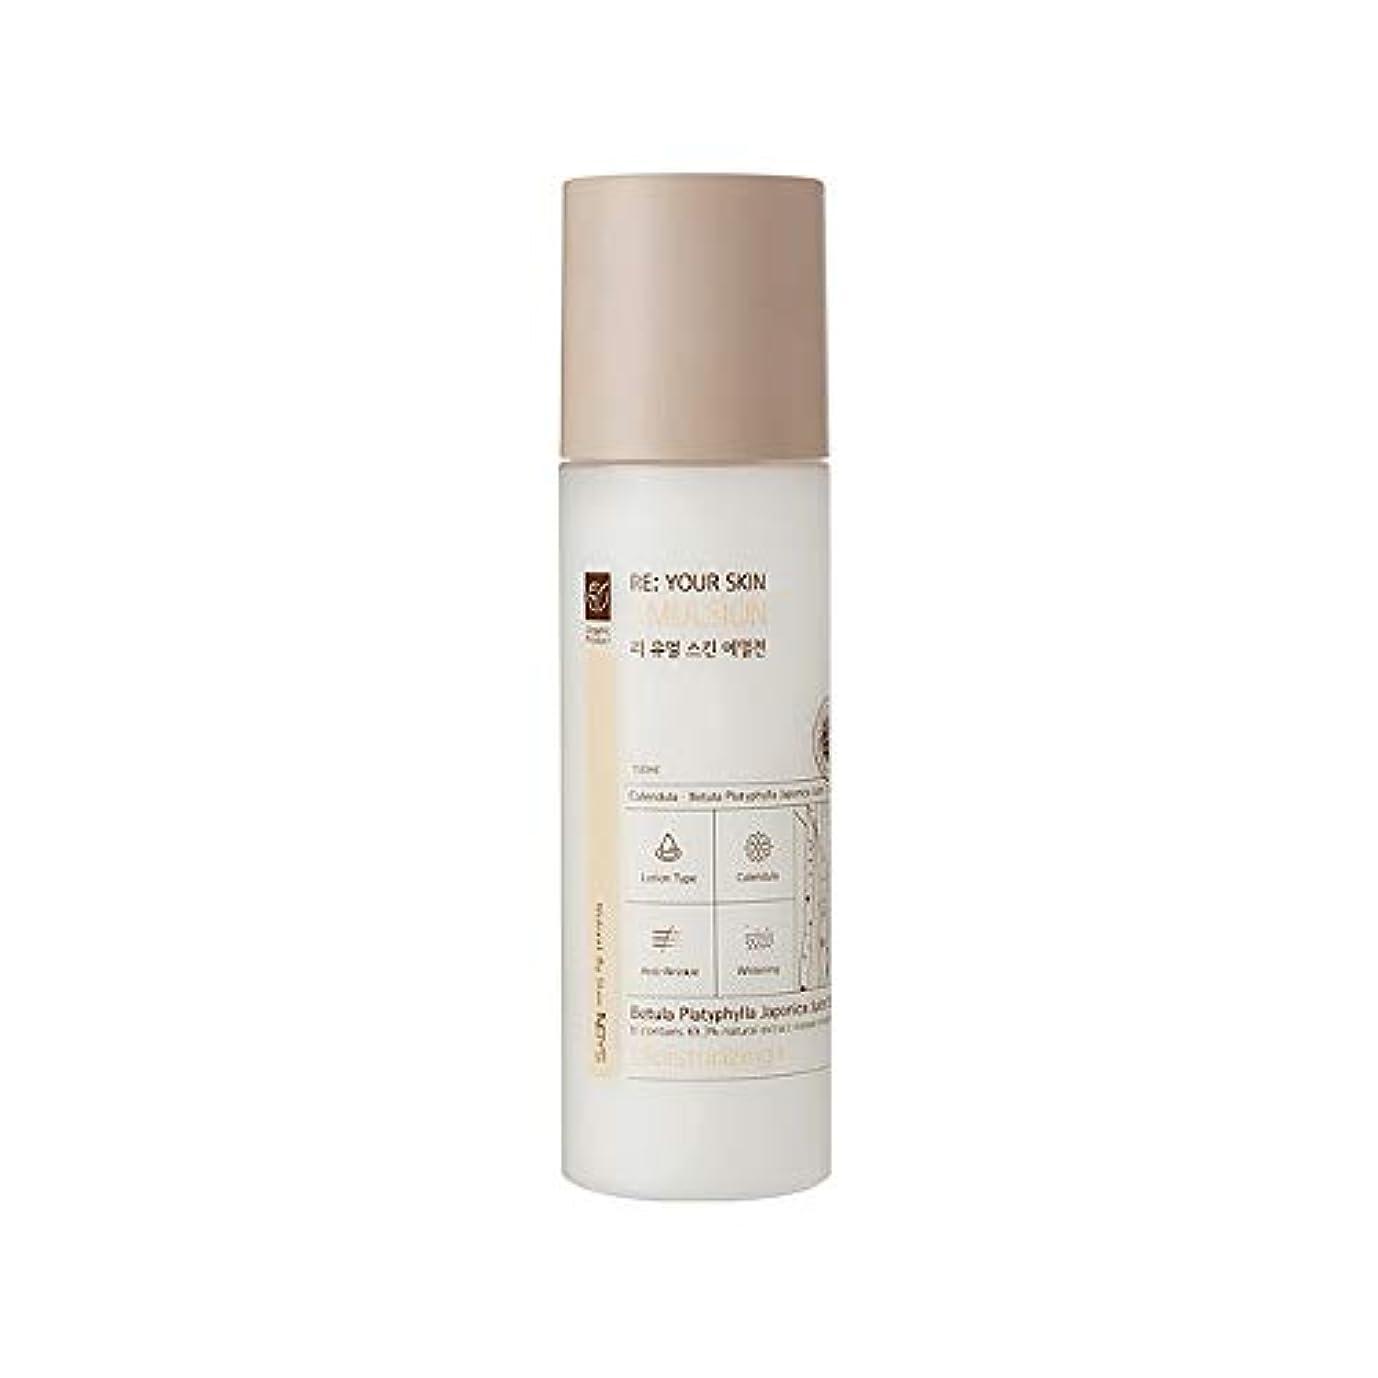 信頼工業化するにじみ出る[NBYS] RE Your Skin Emulsion 美容液 エマルジョン 150ml [並行輸入品]